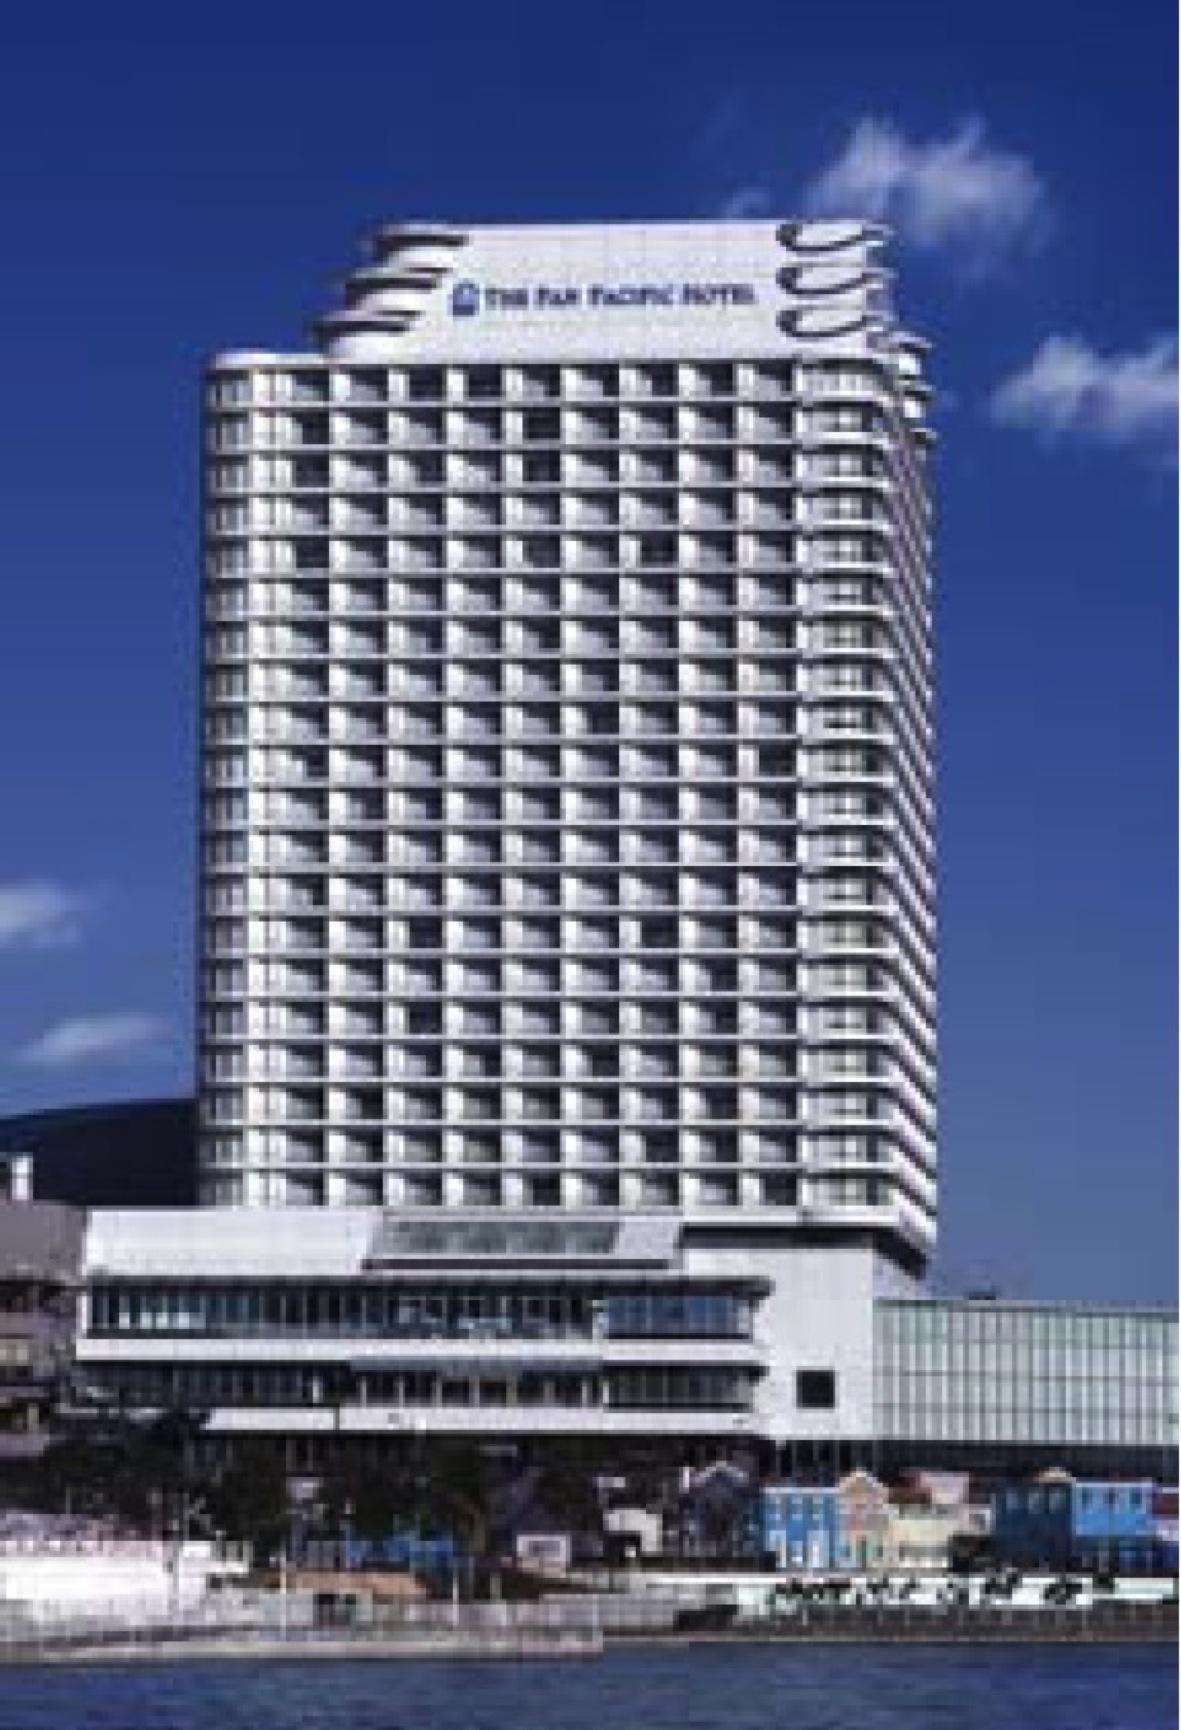 2013年4月1日、「横浜ベイホテル東急」に名称変更のお知らせ